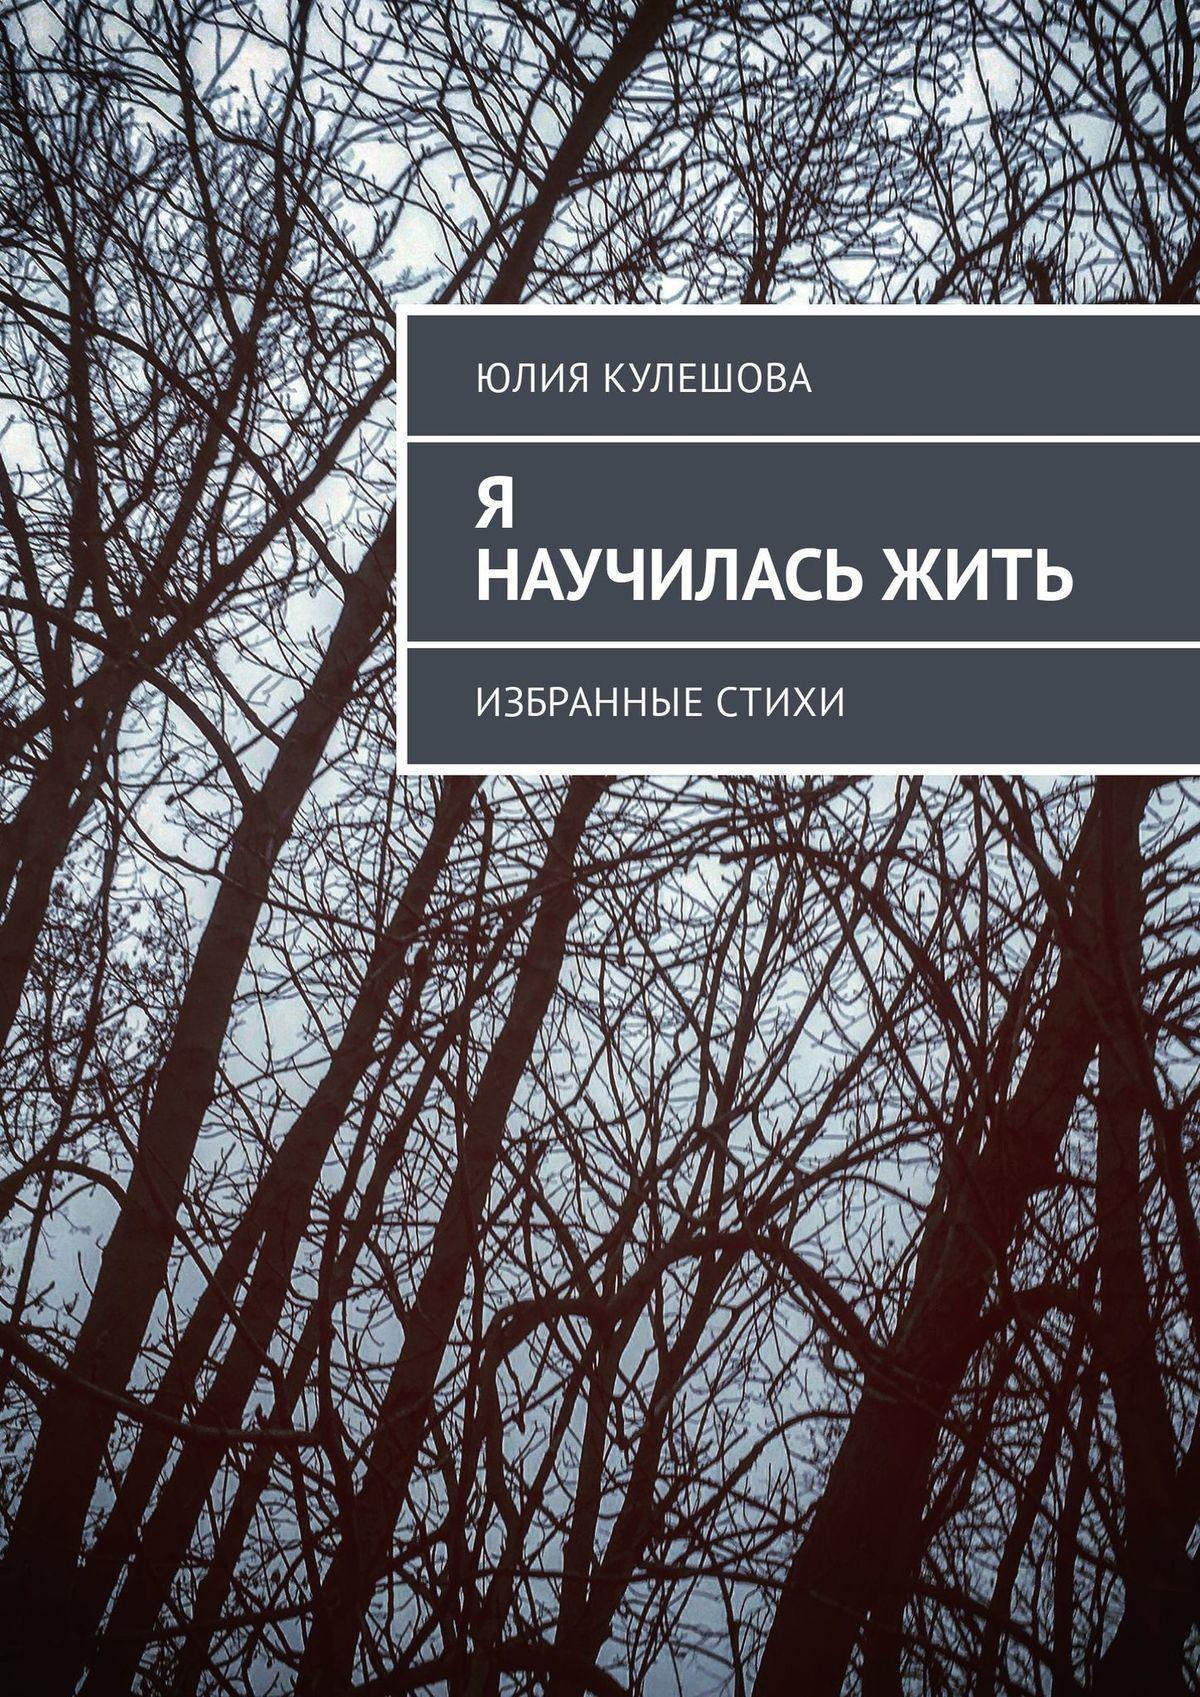 Юлия Александровна Кулешова Я научиласьжить. Избранные стихи